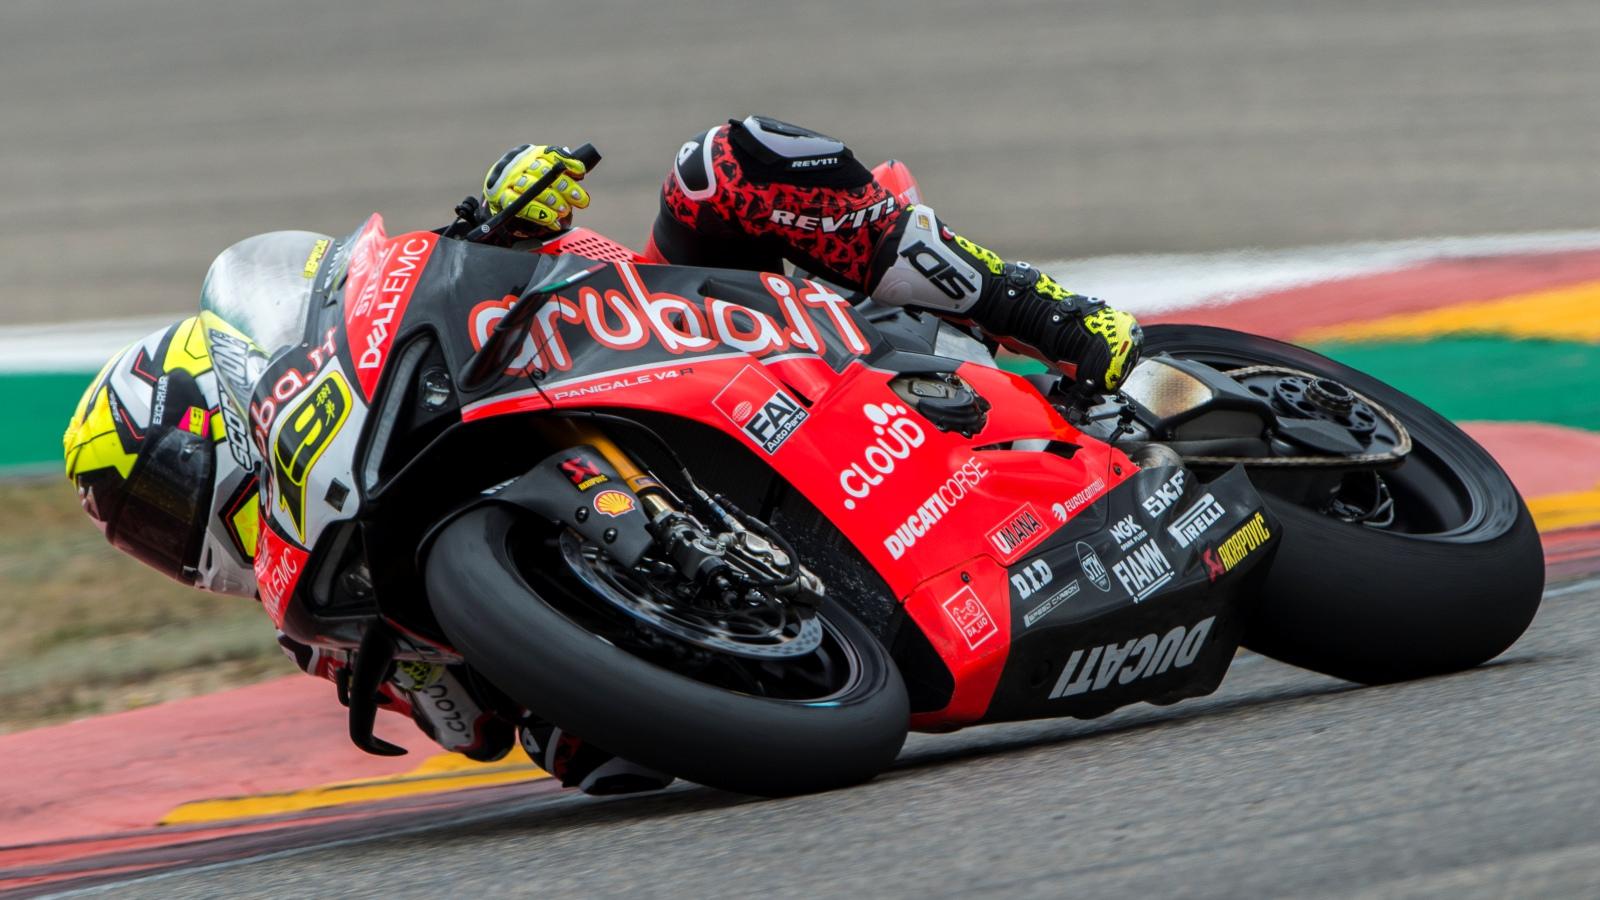 Álvaro Bautista se pasea en la carrera Superpole de Aragón y ya suma ocho seguidas